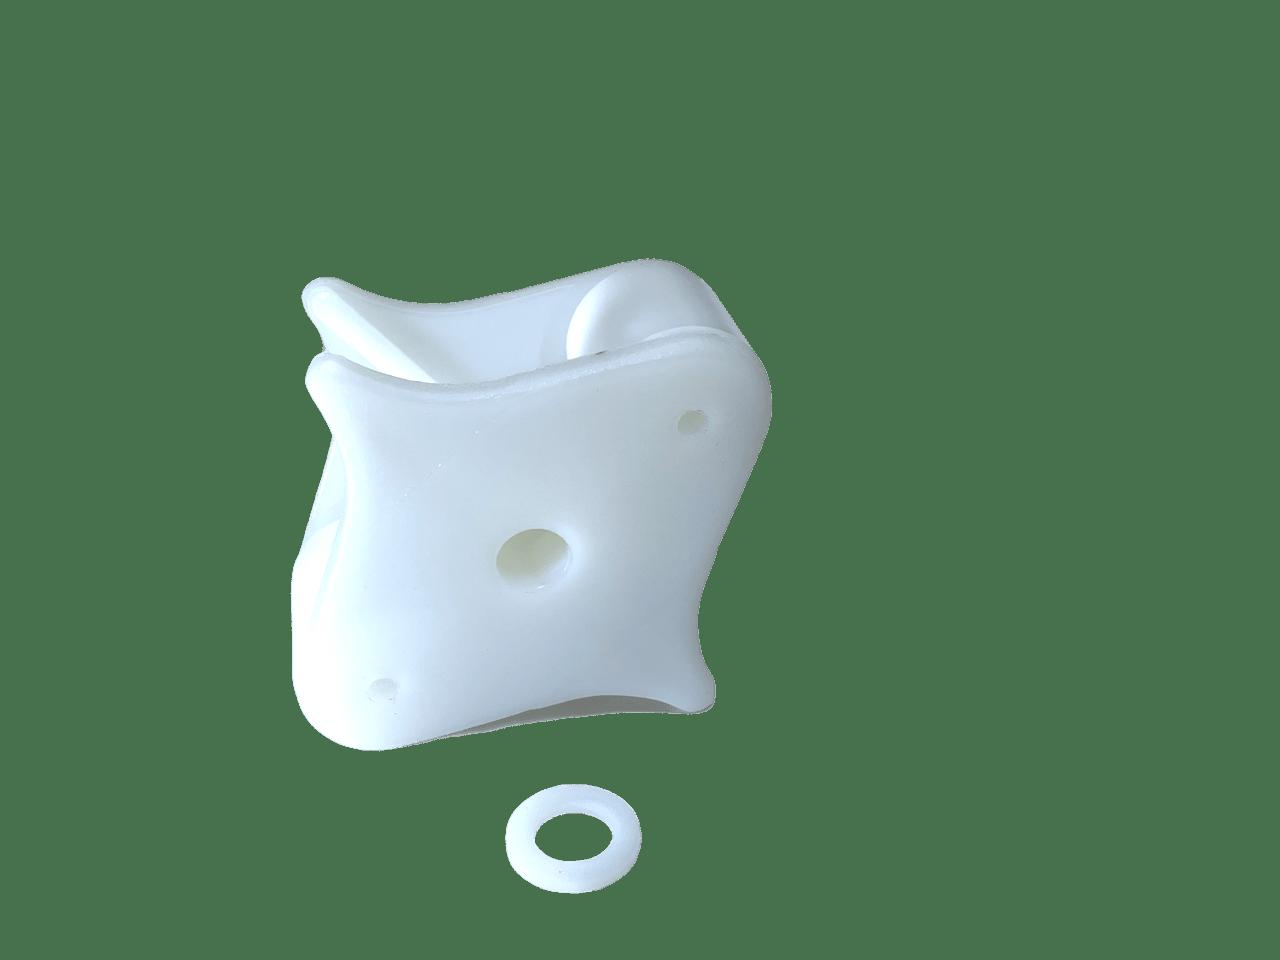 Rotor für Schlauchpumpe/Elektro Pumpe groß (für F07-776)